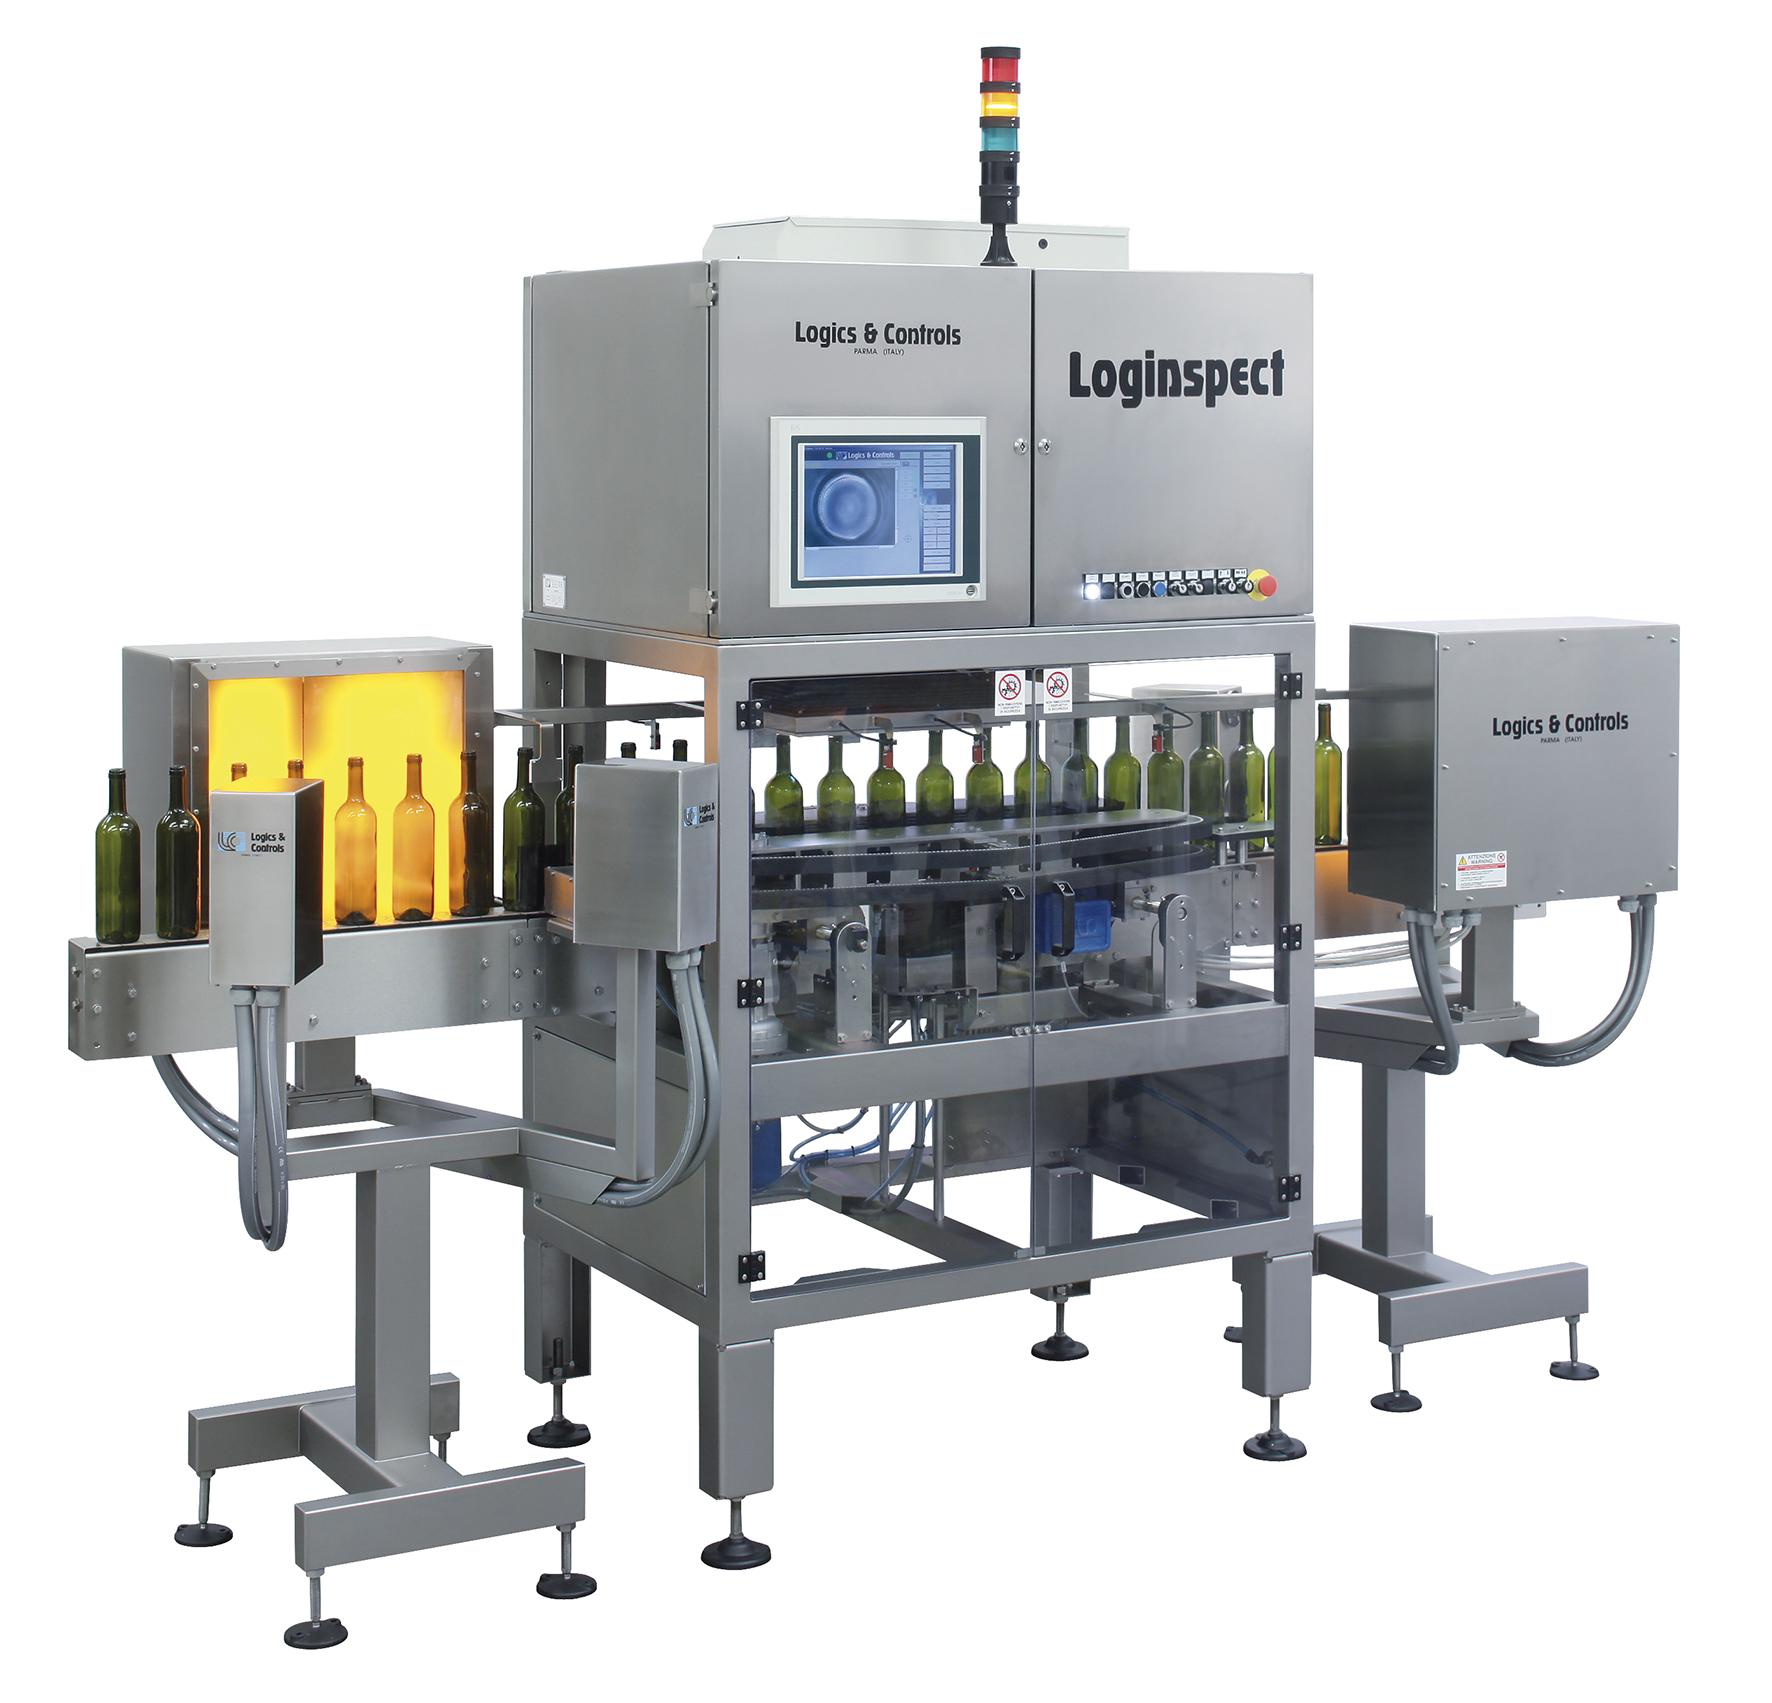 logics & controls bottling line inspection equiment